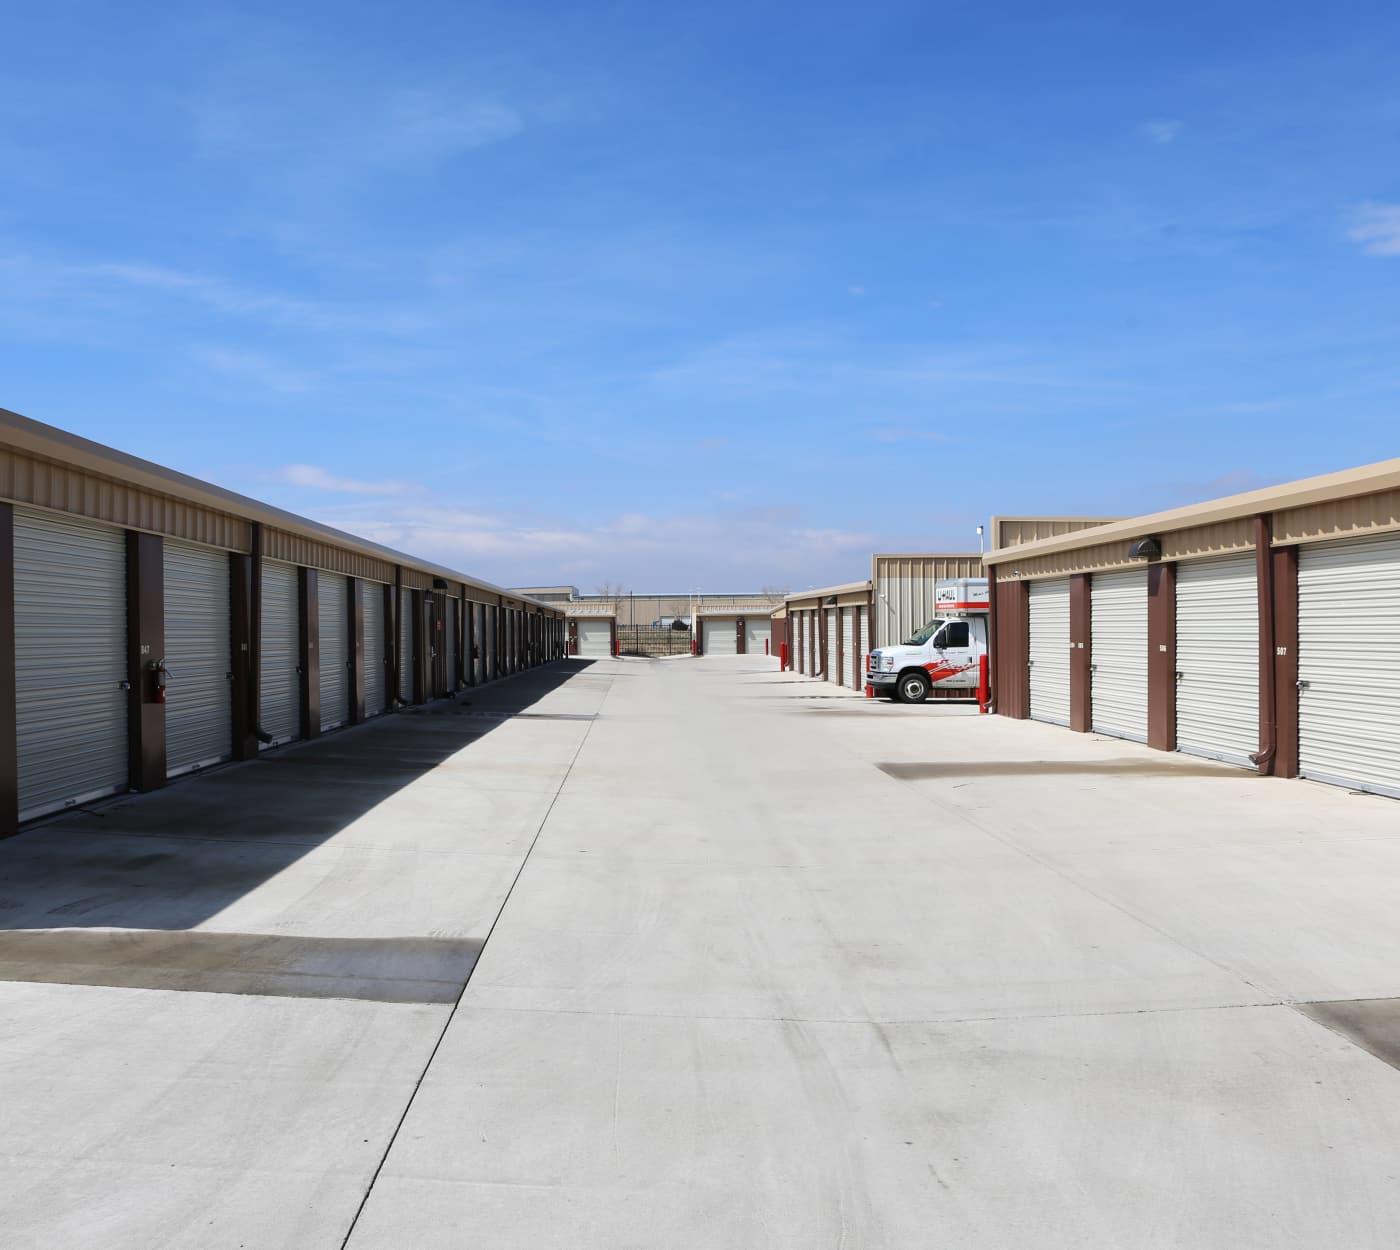 Ground-floor unit at Sable Storage in Brighton, Colorado